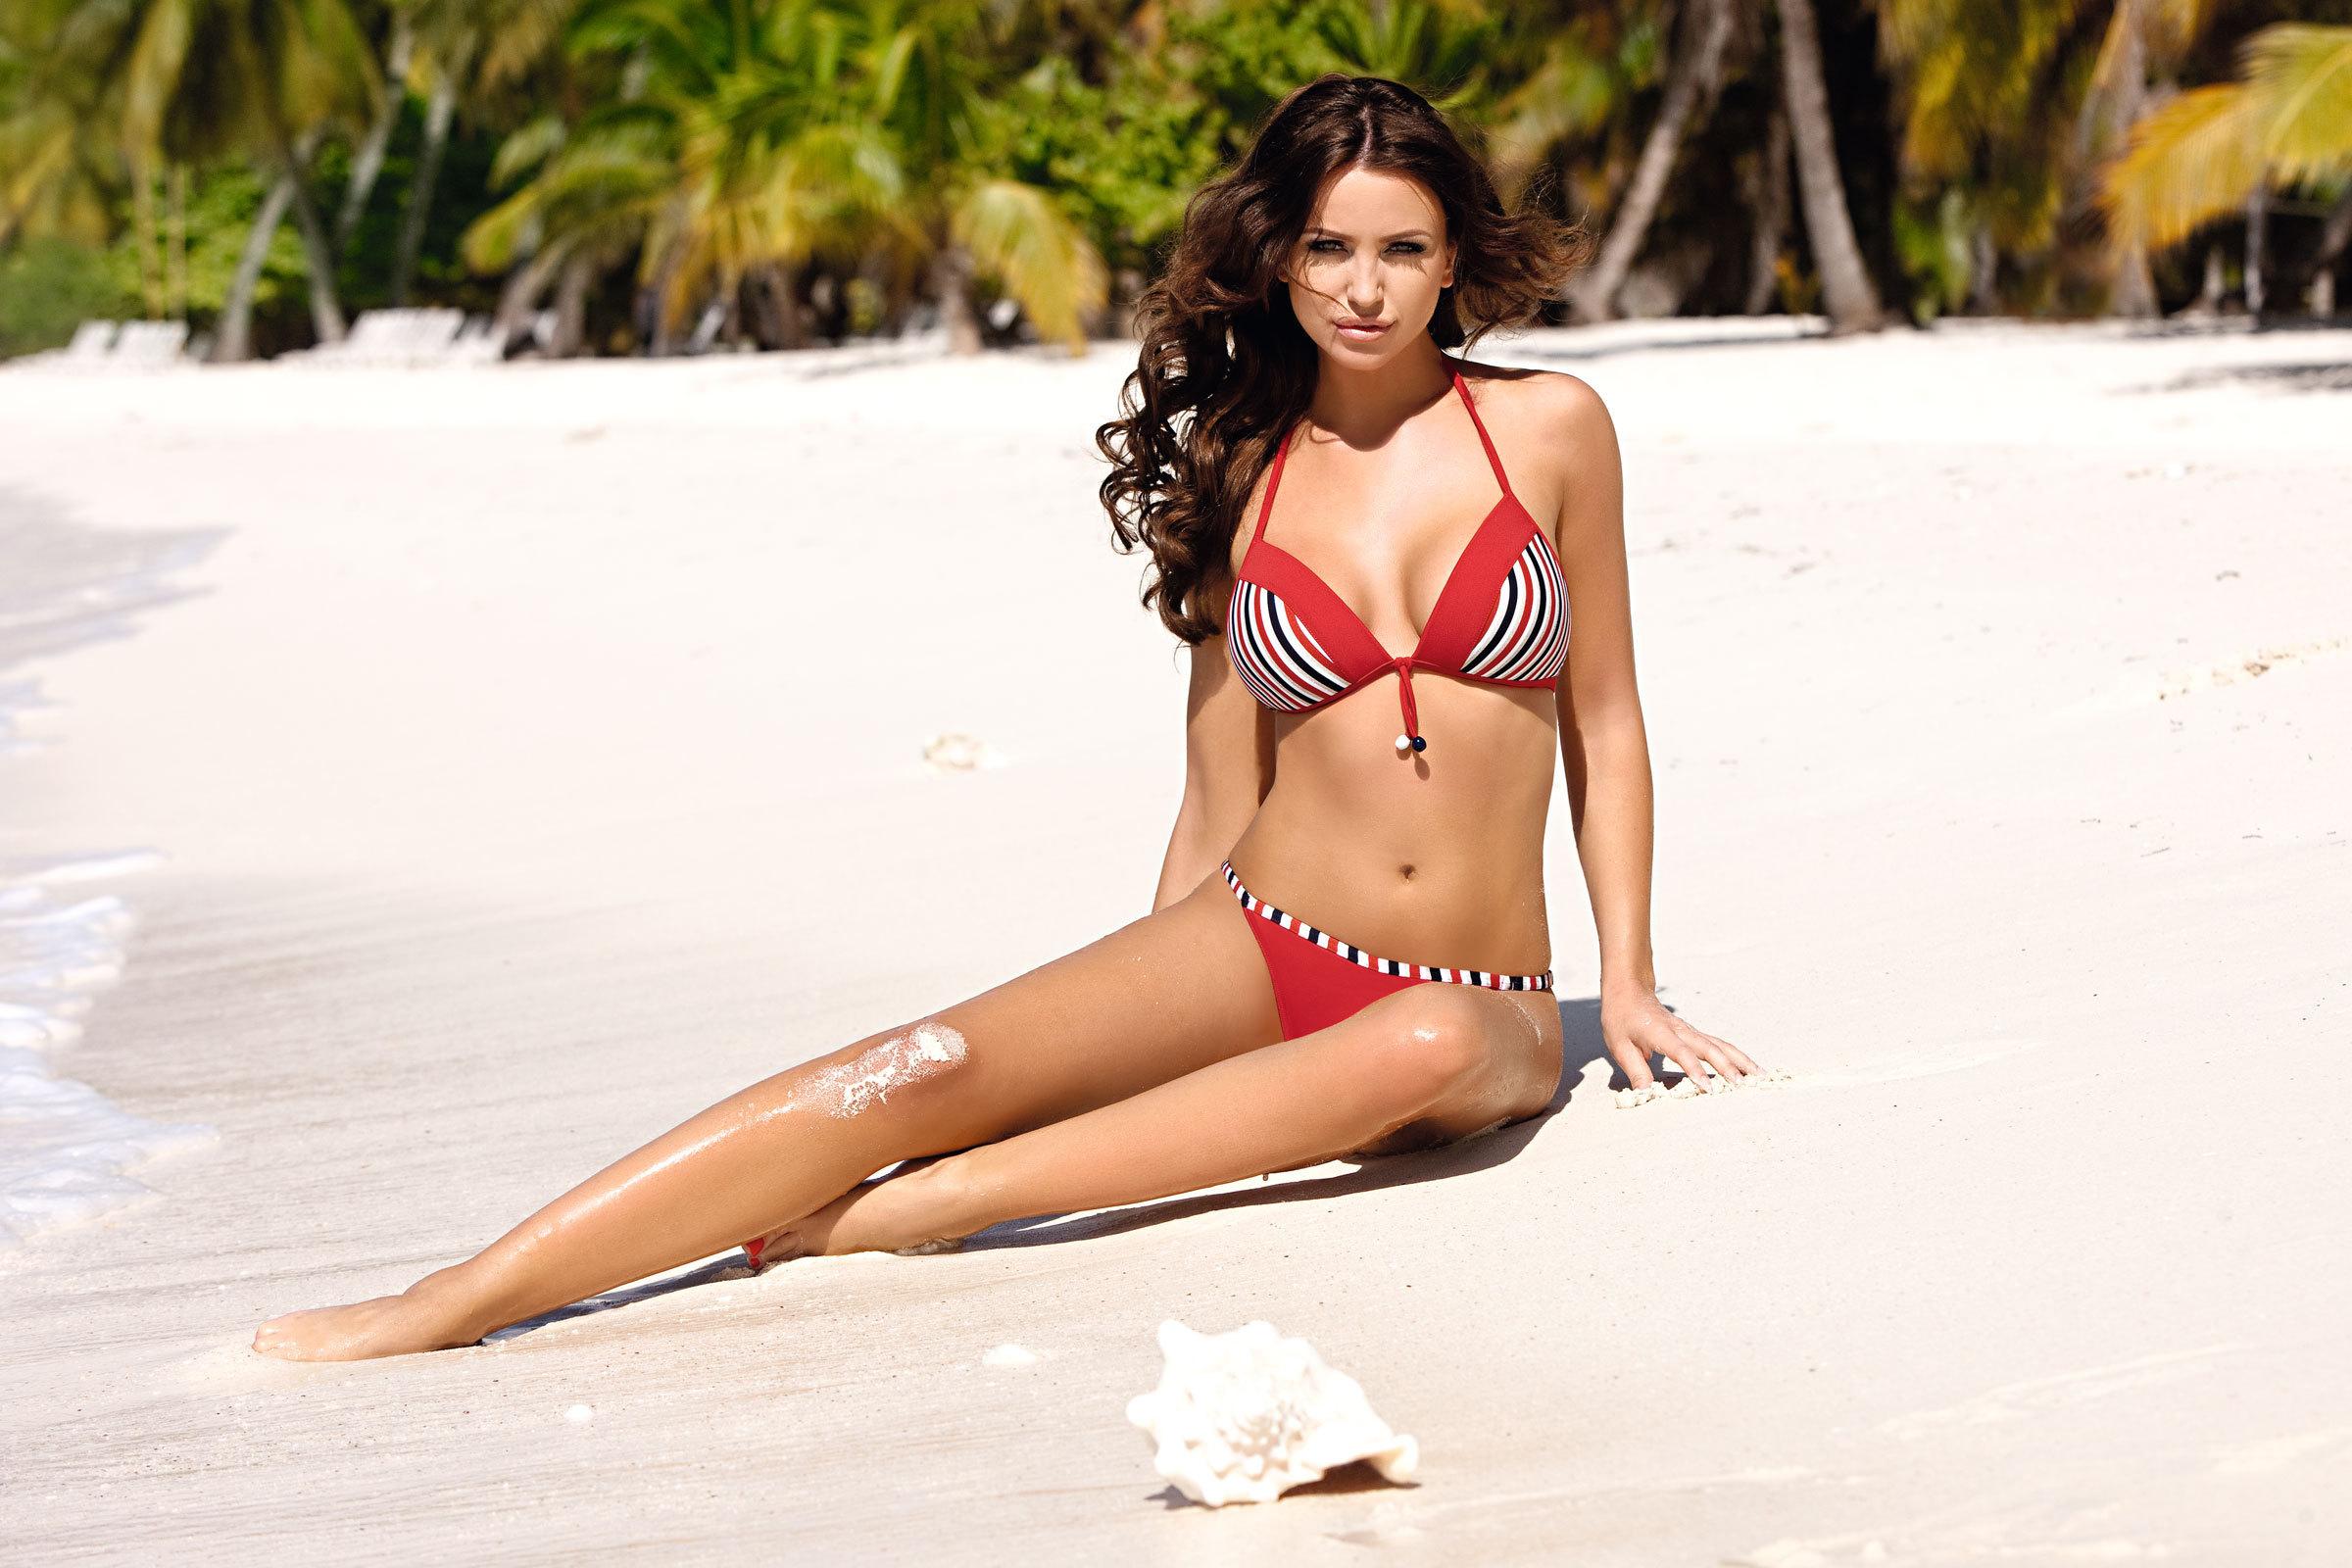 Фото девушек на пляже профи 8 фотография